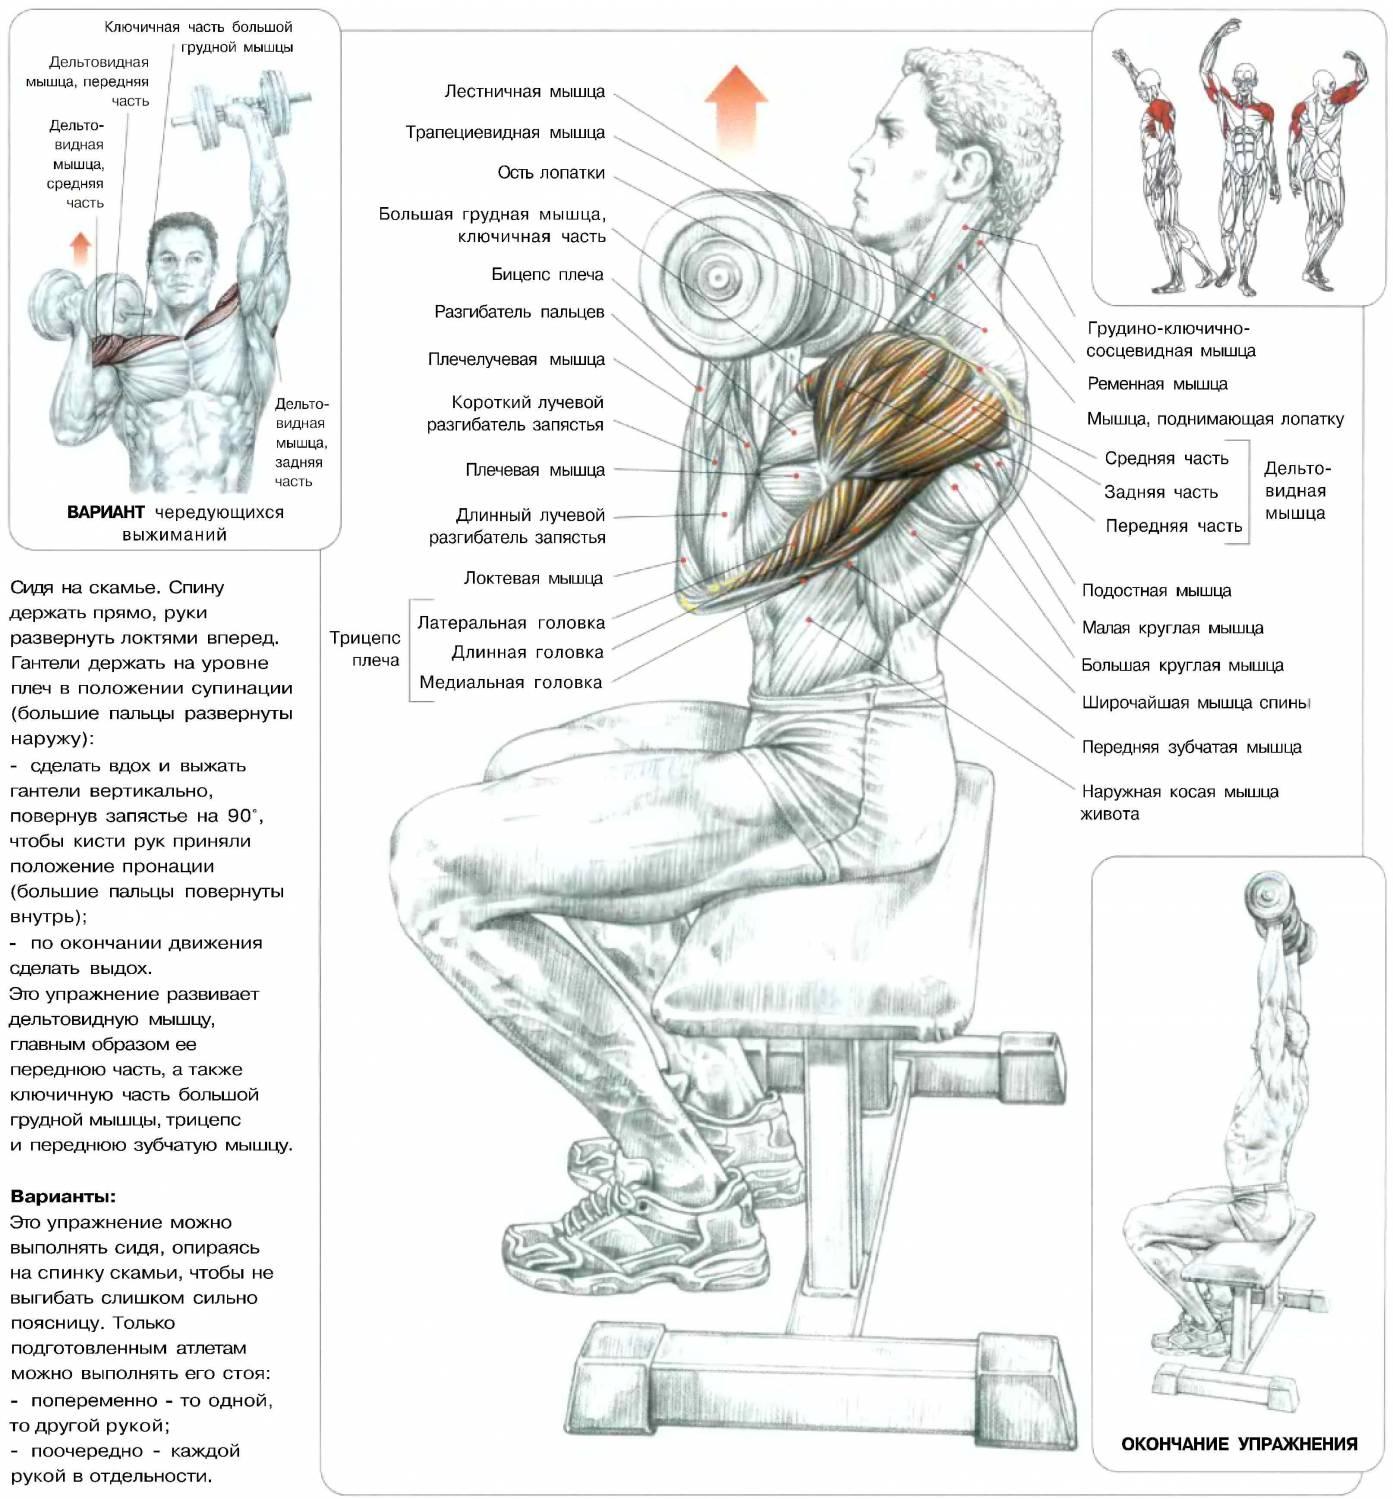 Фото как накачать грудную мышцу в домашних условиях